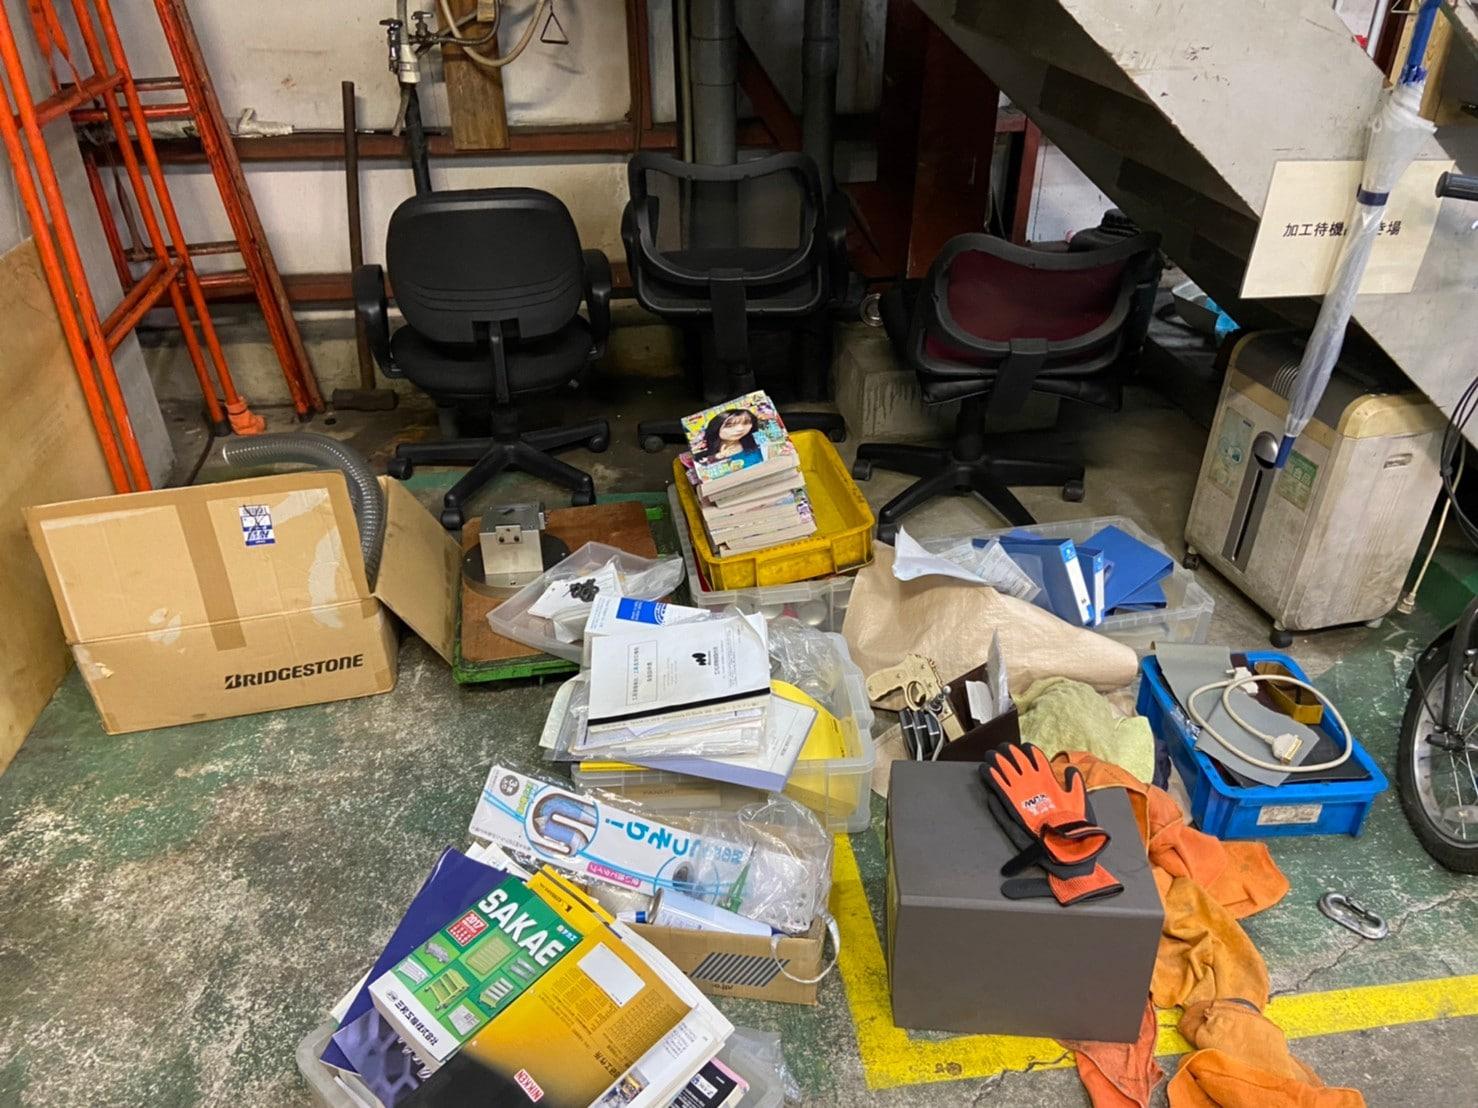 横浜市の工場が倒産による不用品回収